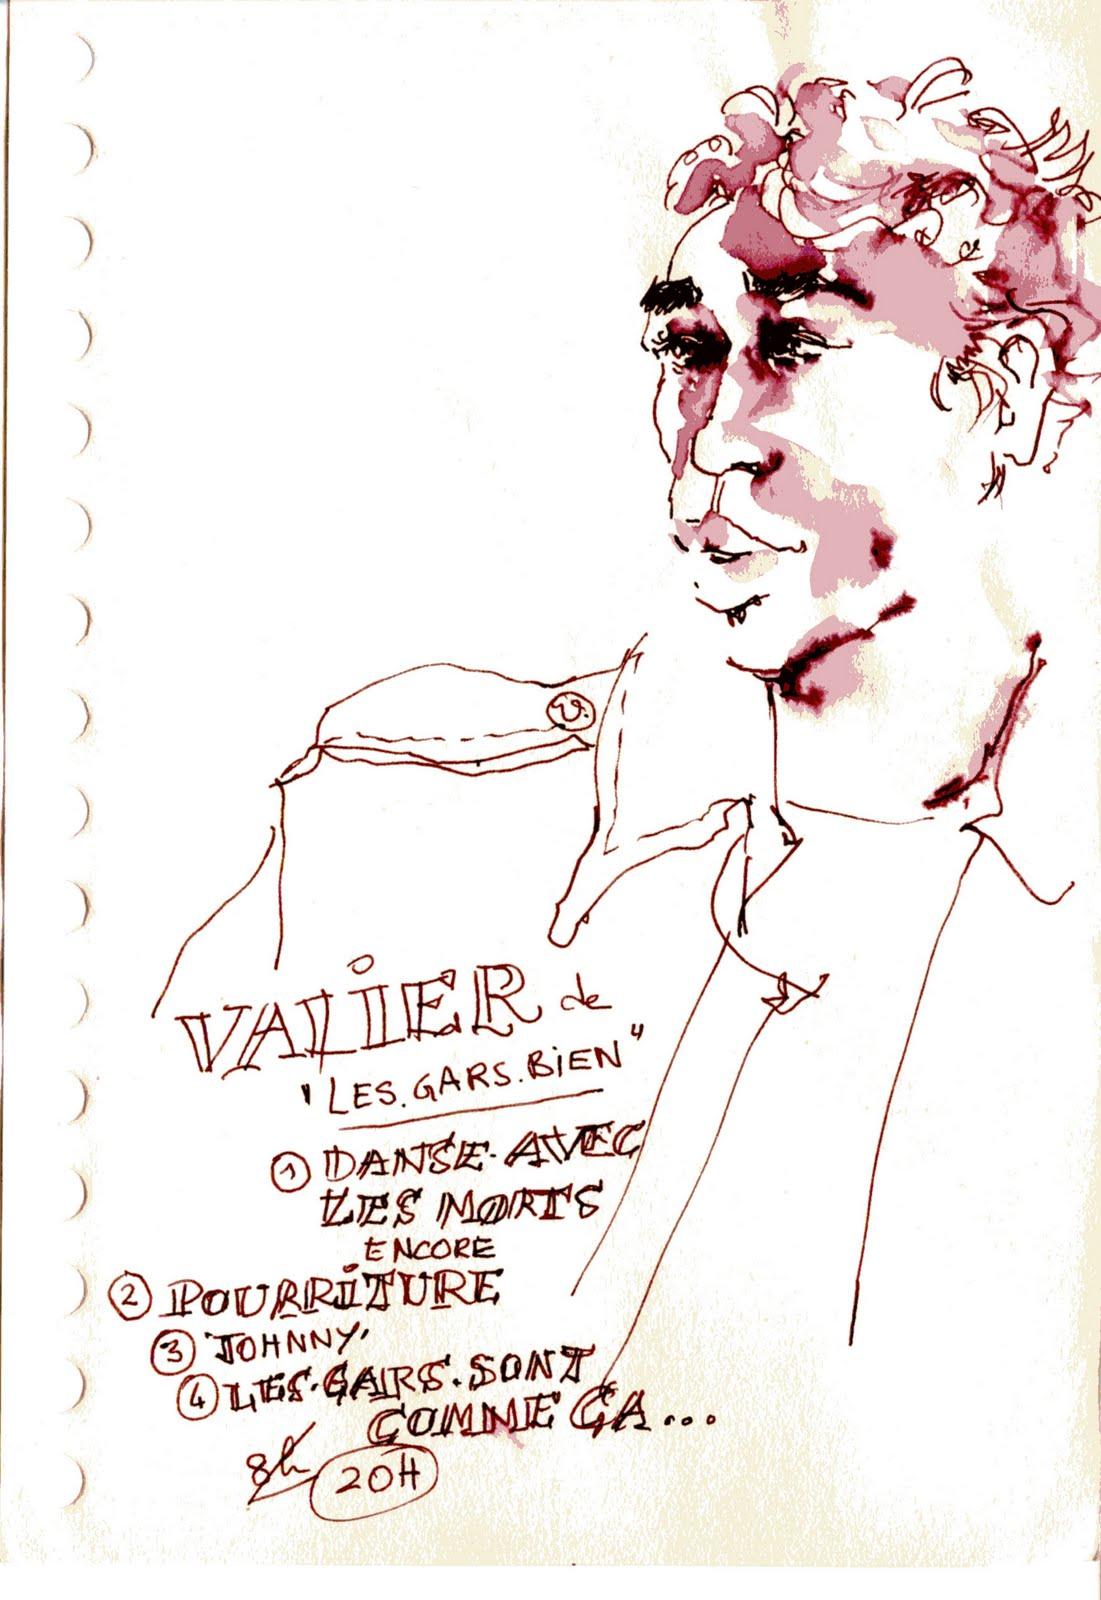 16-Valier